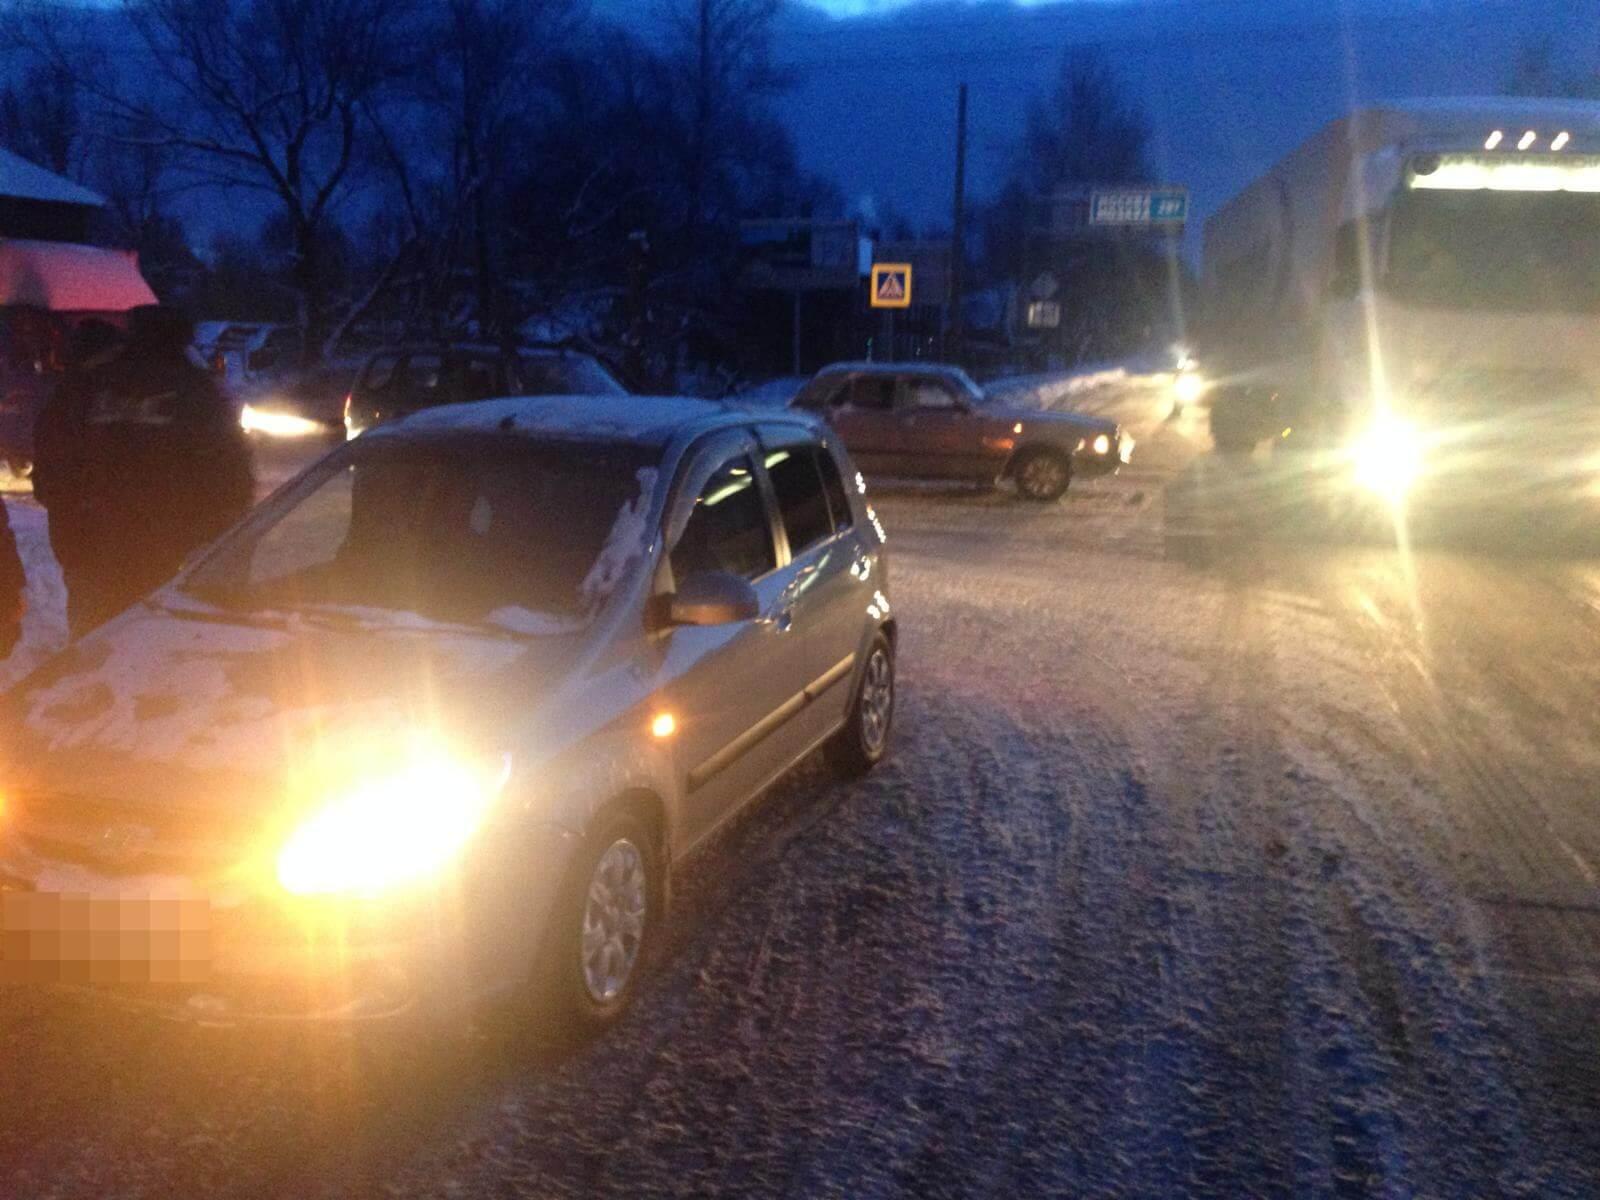 14 января в 2 ДТП на дорогах области пострадали 2 человека